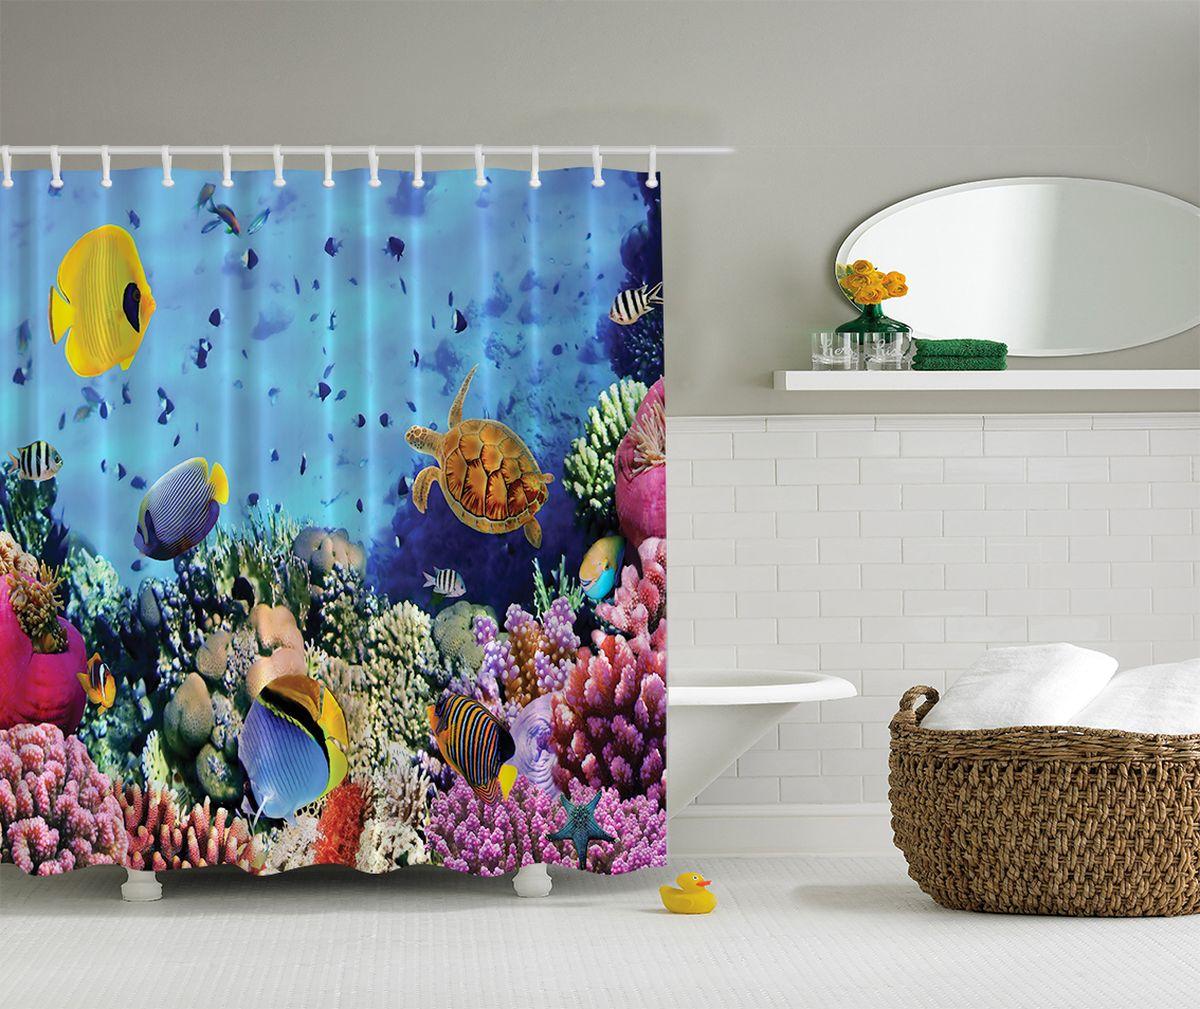 """Штора Magic Lady """"Подводный мир"""", изготовленная из высококачественного сатена (полиэстер 100%), отлично дополнит любой интерьер ванной комнаты. При изготовлении используются специальные гипоаллергенные чернила для прямой печати по ткани, безопасные для человека.    В комплекте: 1 штора, 12 крючков. Обращаем ваше внимание, фактический цвет изделия может незначительно отличаться от представленного на фото."""